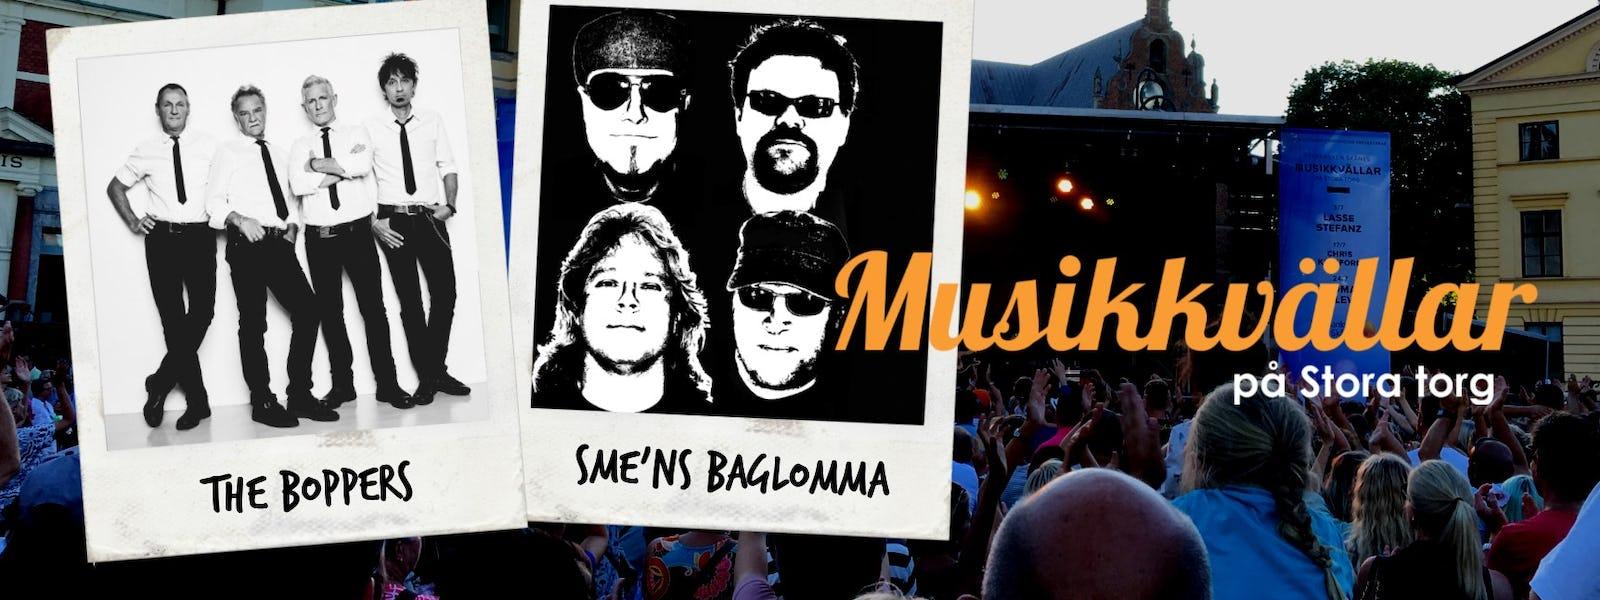 Bild - Musikkväll med The Boppers & Sme'ns Baglomma